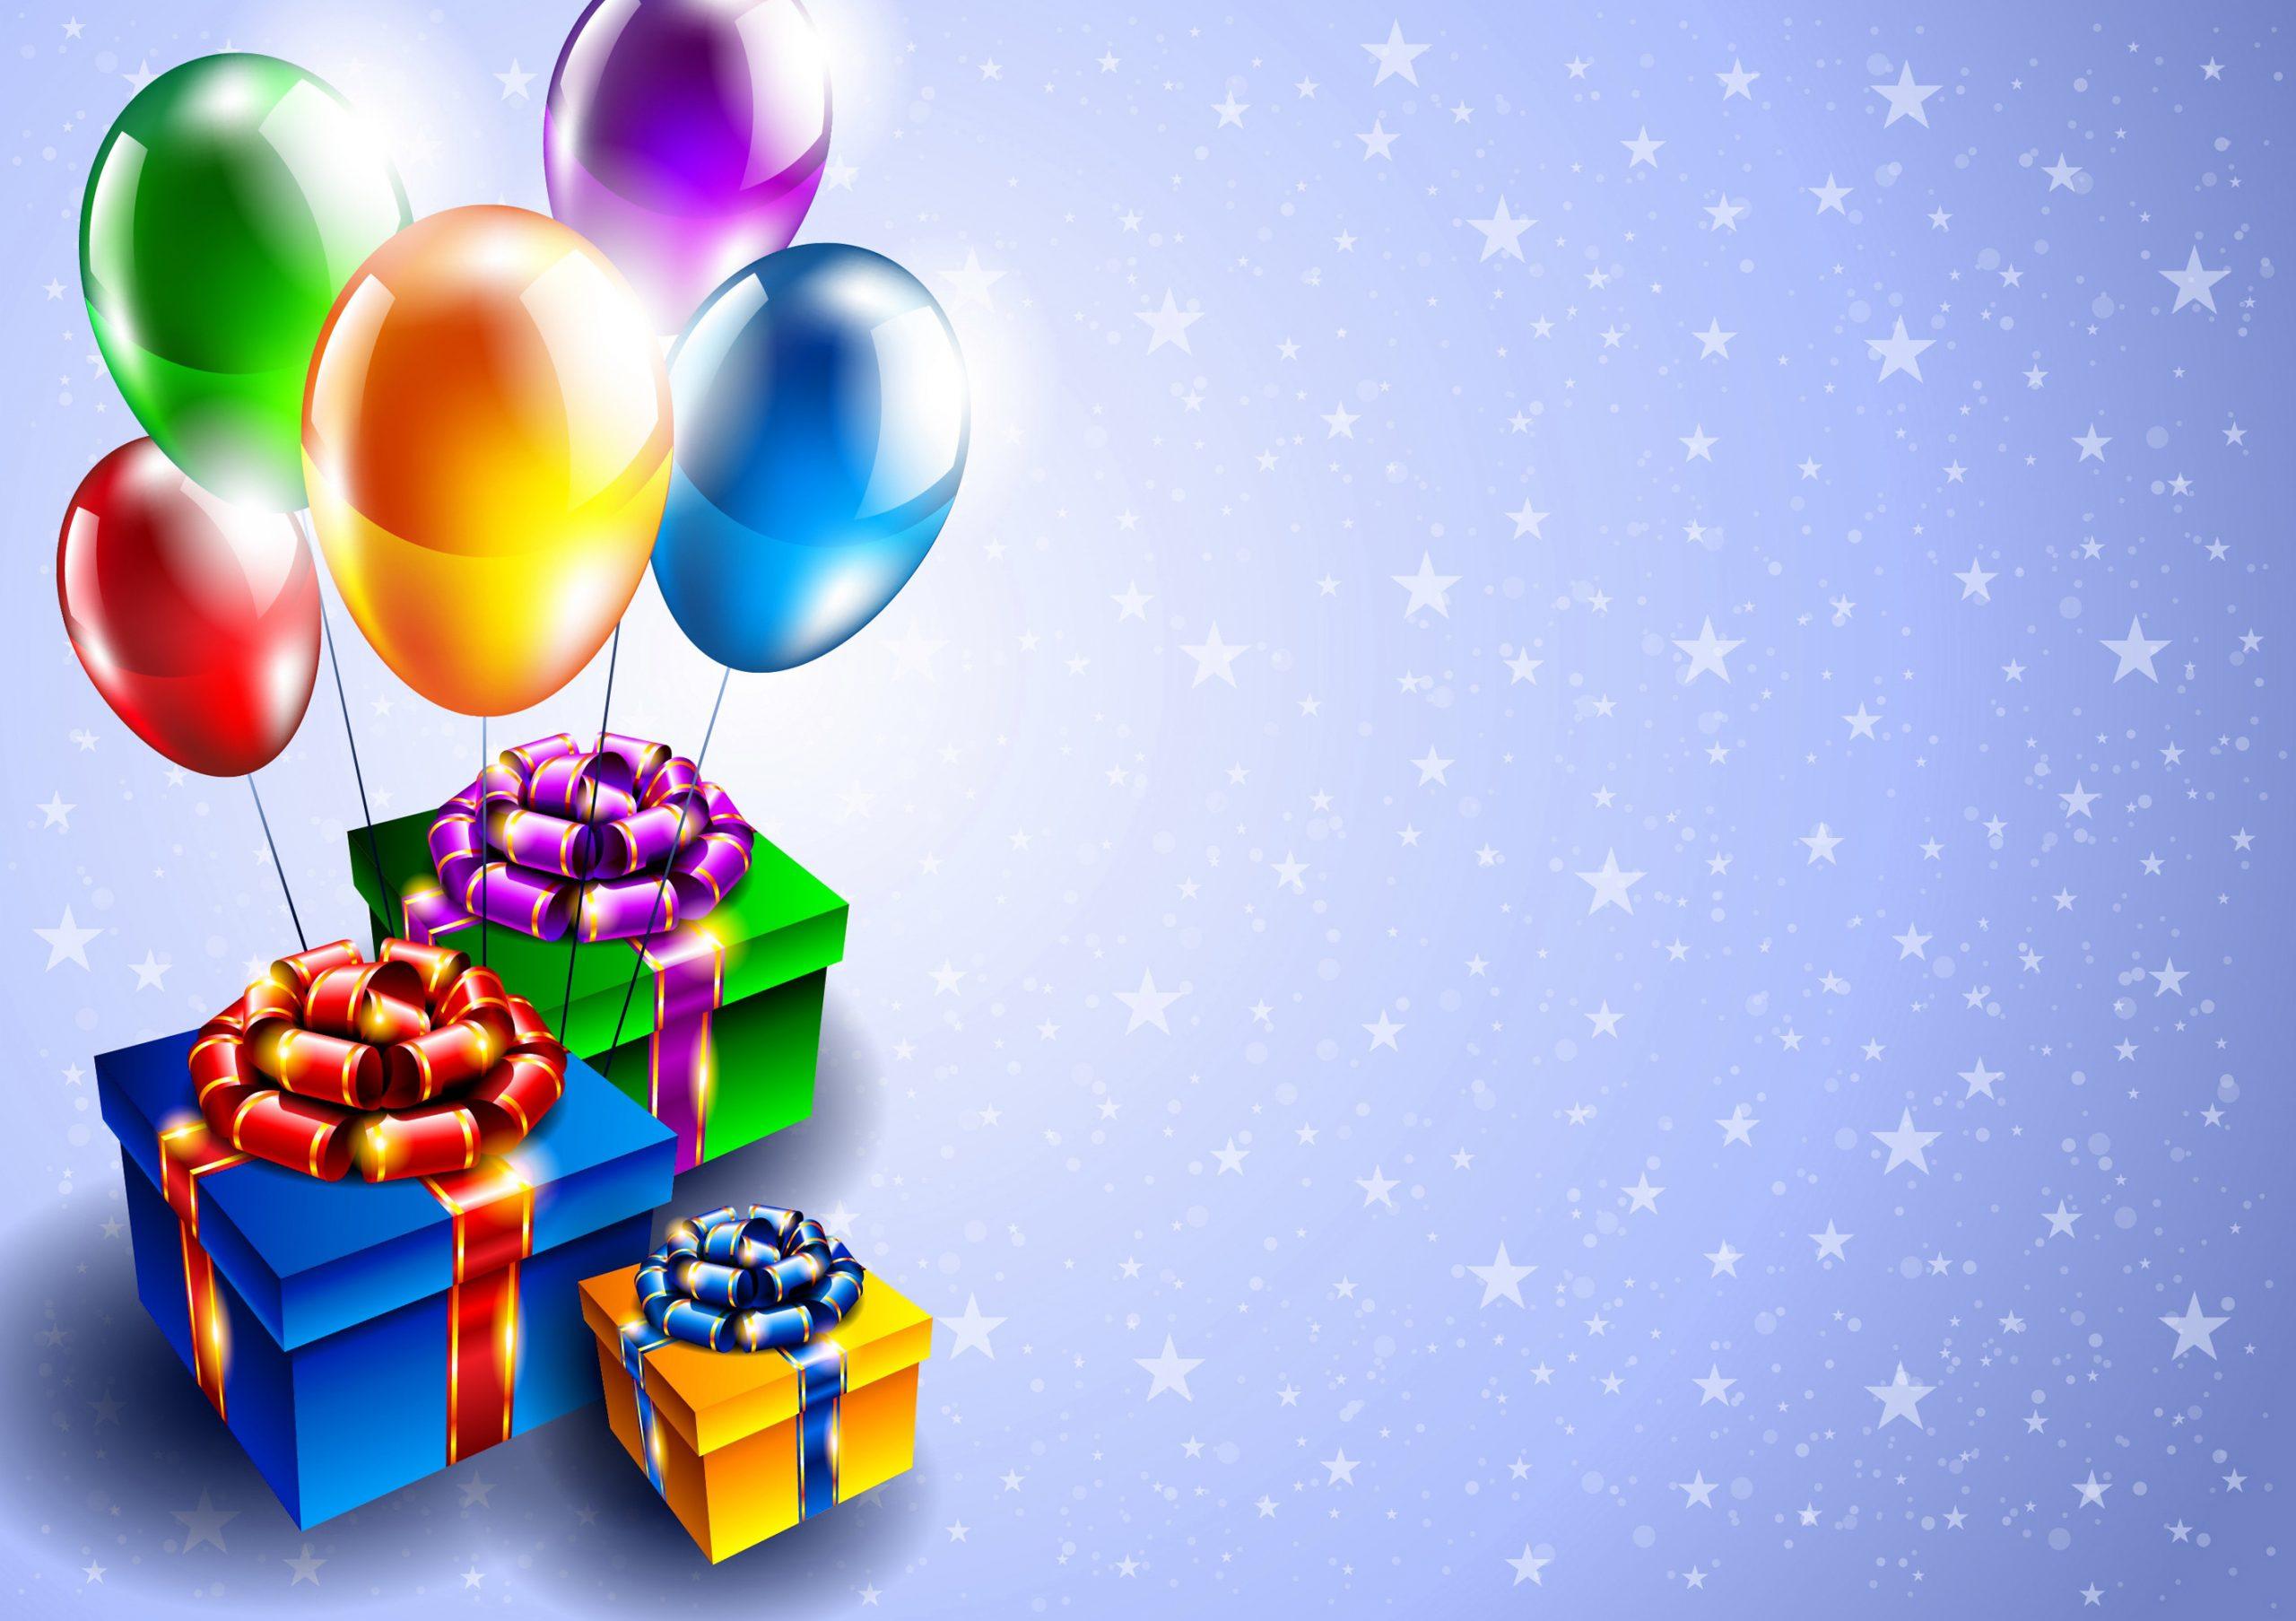 Hình ảnh phông nền mừng sinh nhật